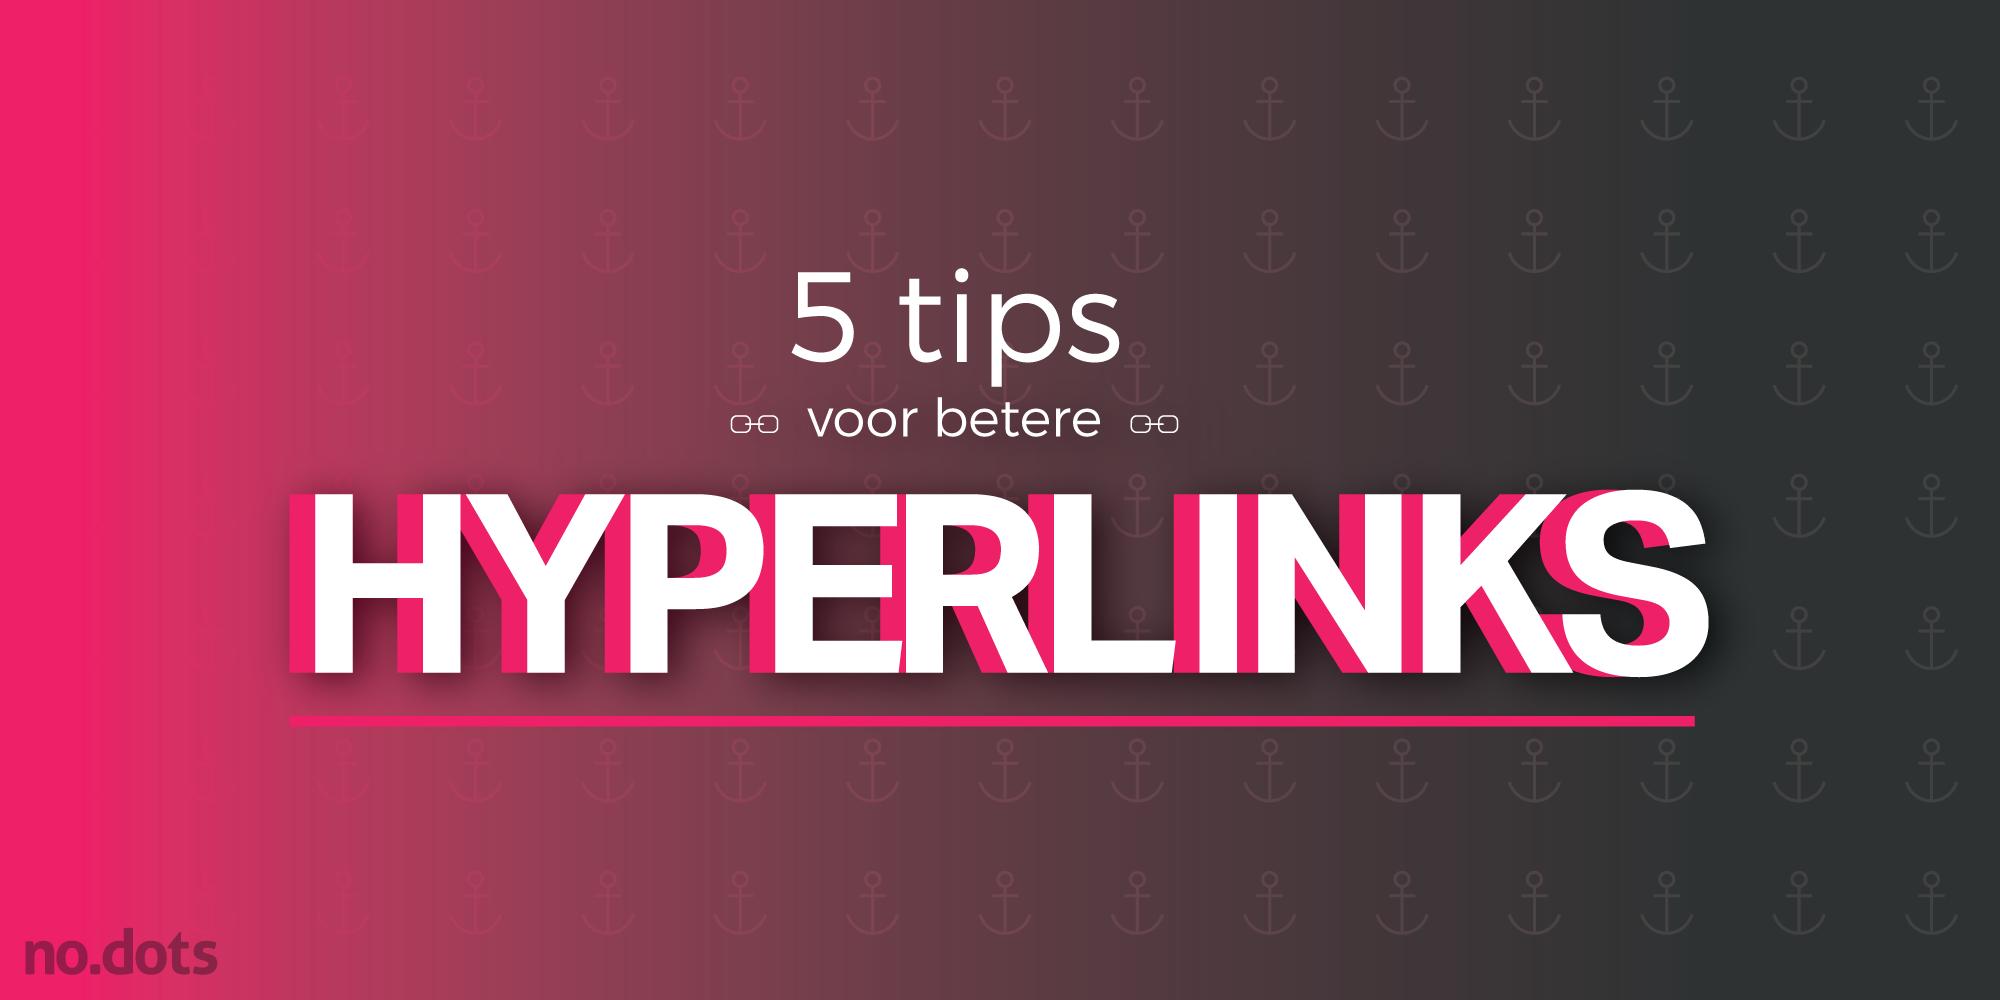 5 tips voor betere hyperlinks